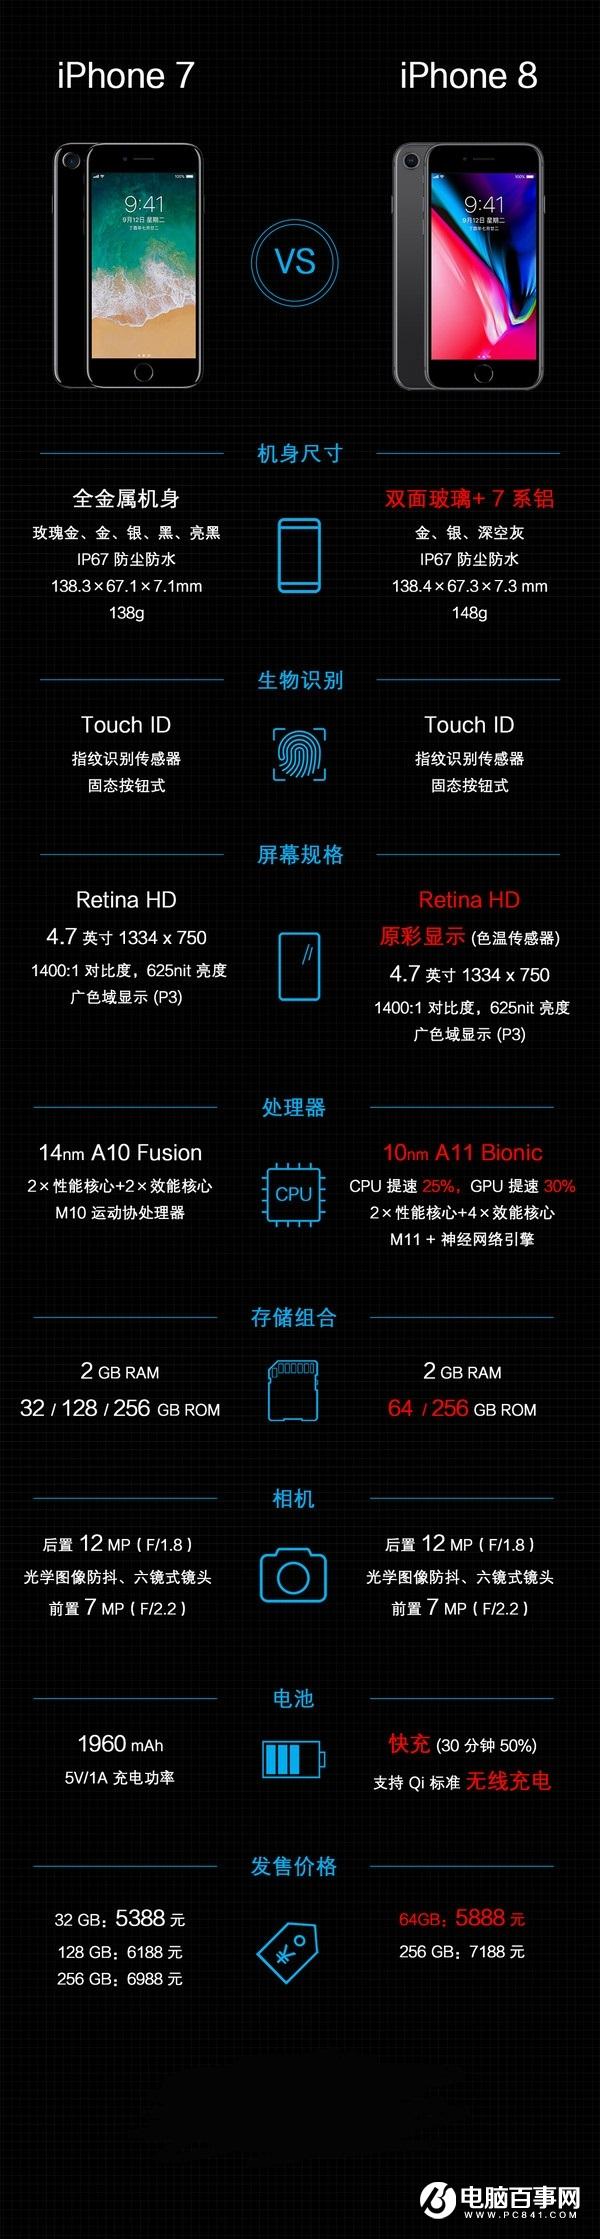 对比iPhone7,一图看懂iPhone8升级了哪些?